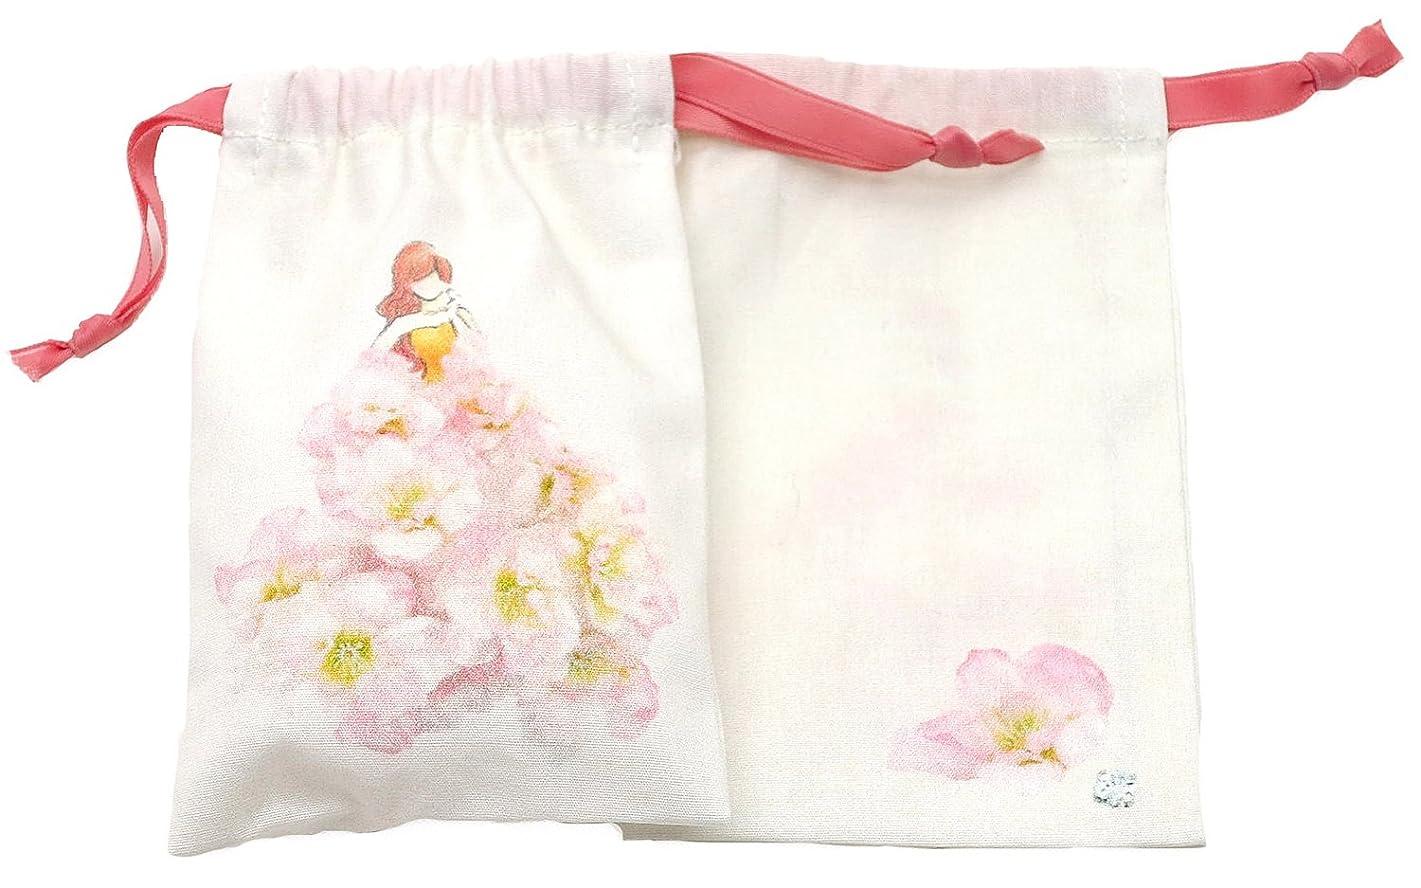 セ?ルポゼ サシェ(香り袋) ドレス ピンク ブロッサム 消臭 除湿 バイオ抗菌 日本製 IJS31-01-2